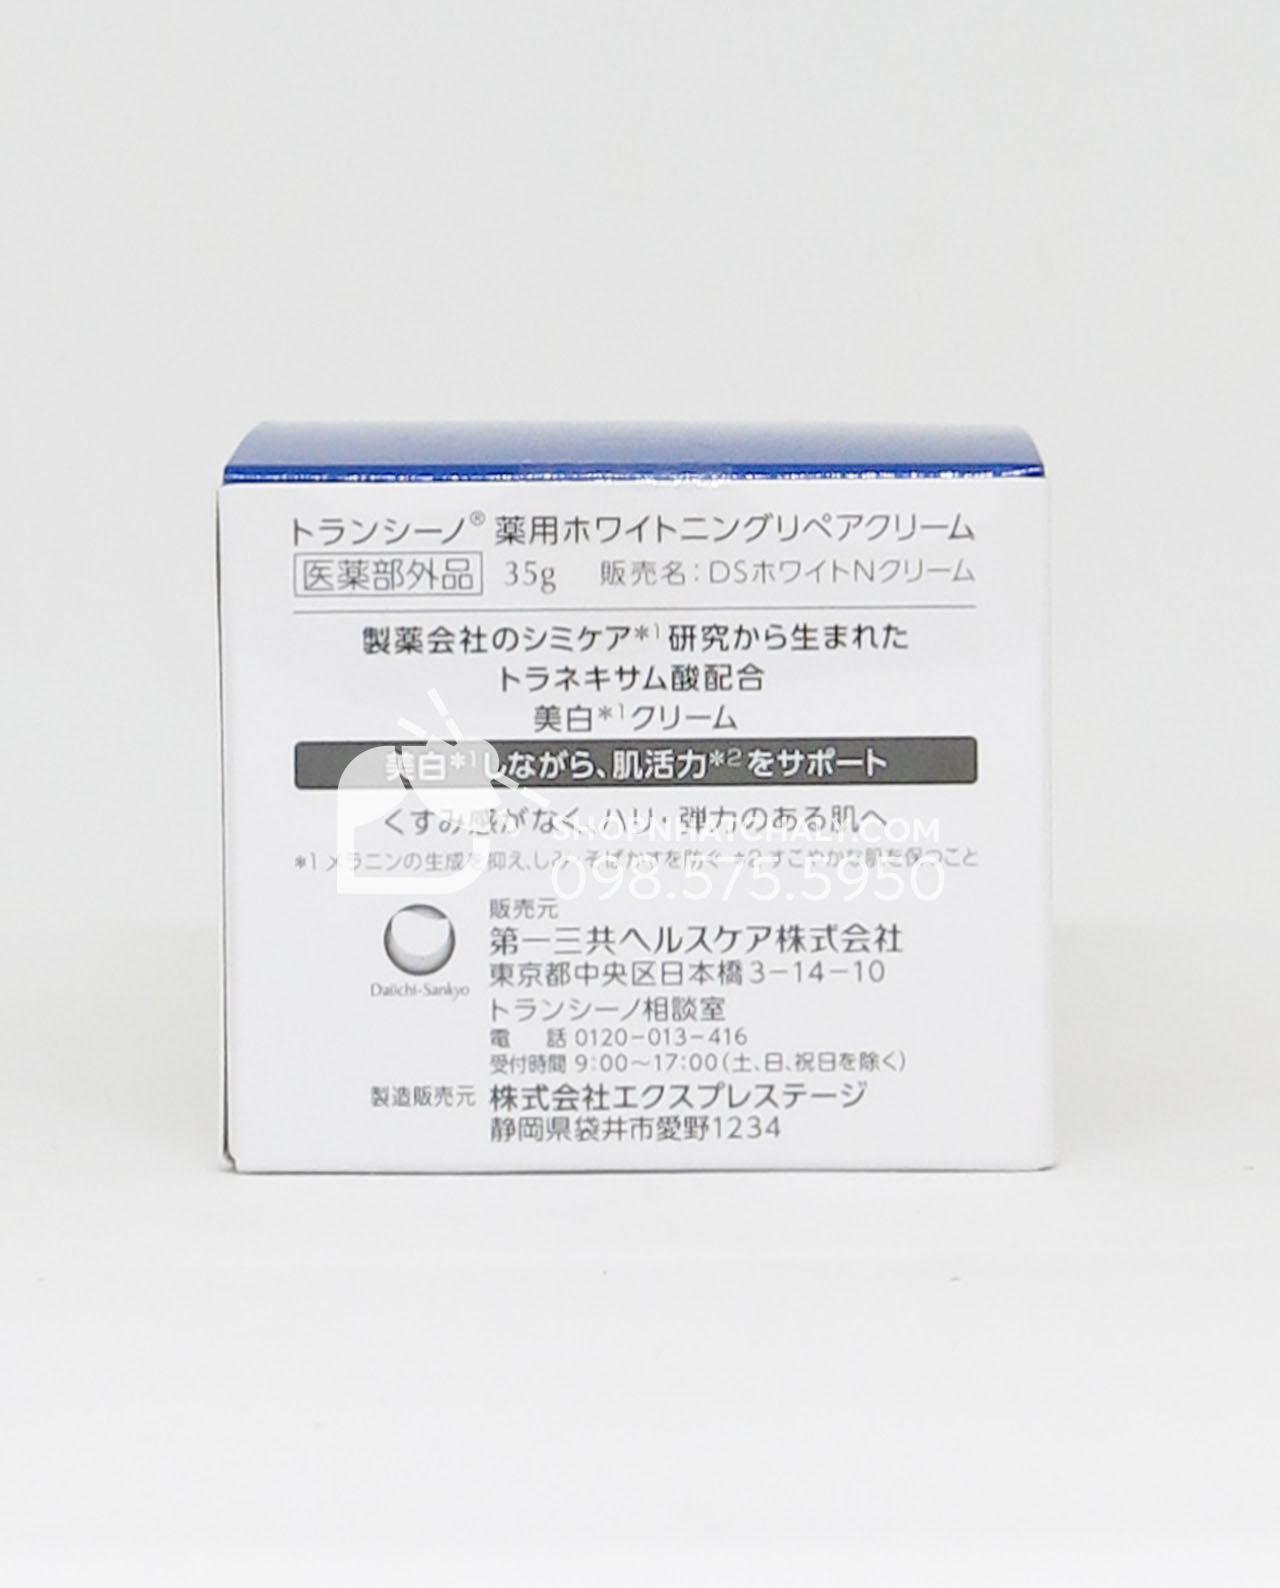 Transino Whitening Repair Cream đặc trị thâm nám làm sáng da - thông tin sản phẩm